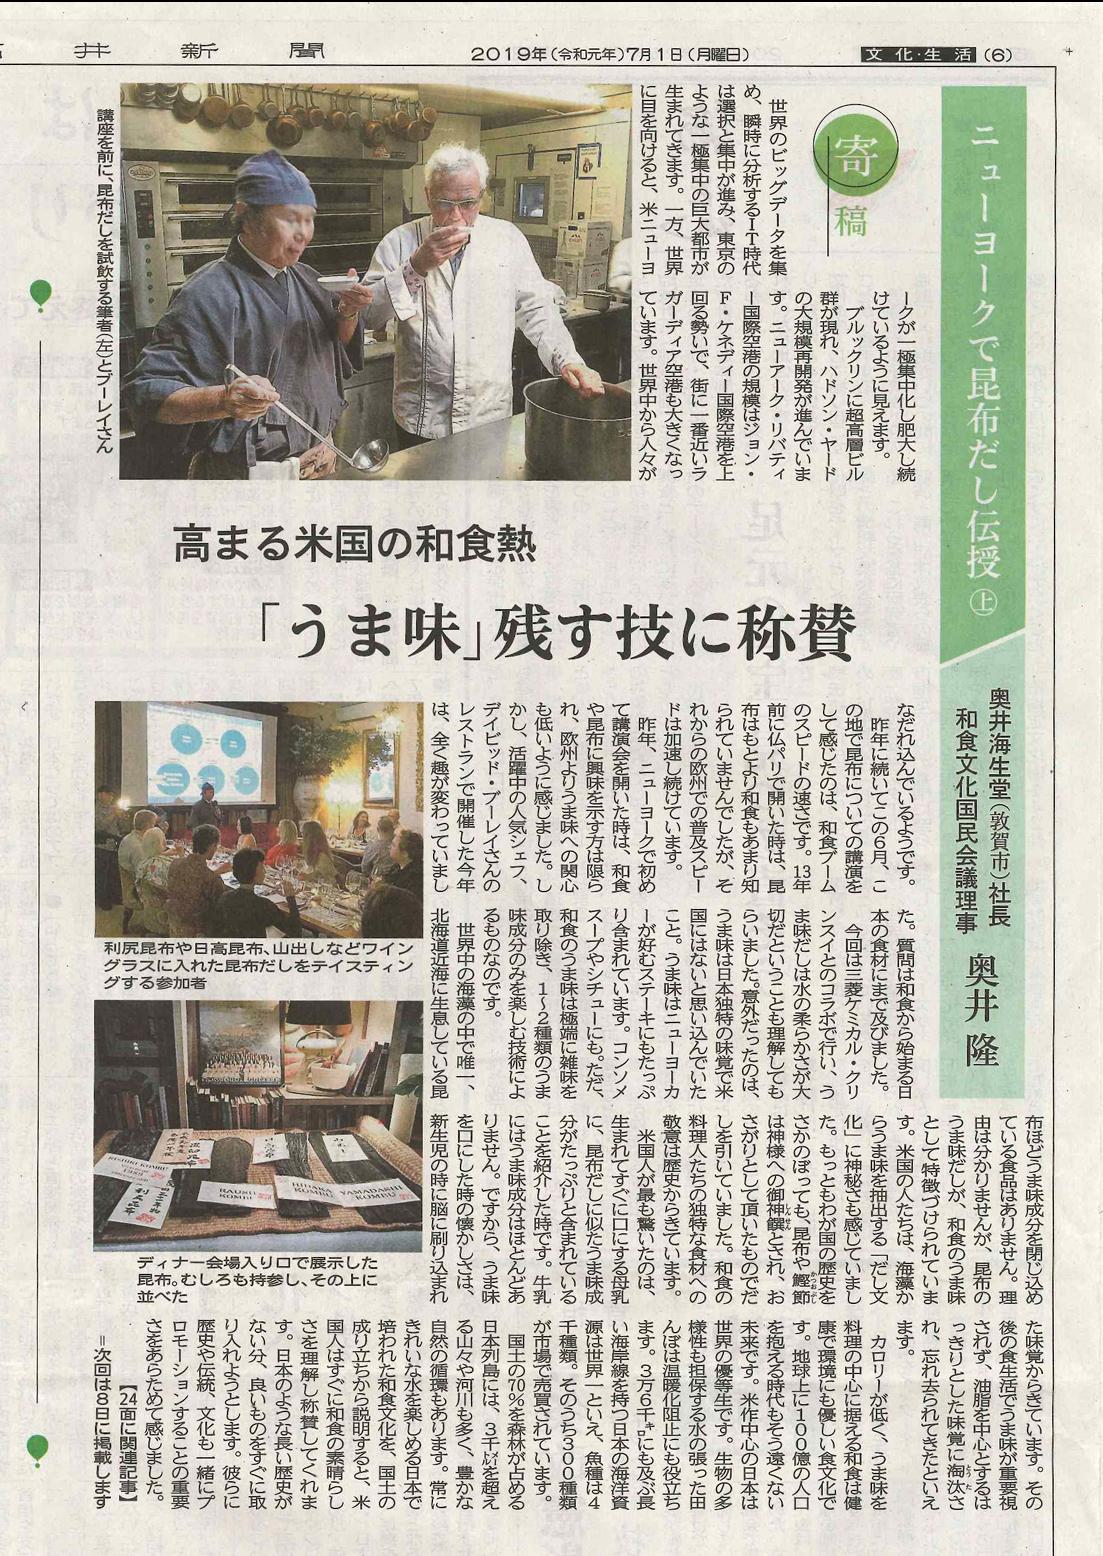 福井新聞2019年7月1日と8日の両日、ニューヨークで昆布だし伝授<上>と<下>が掲載されました。